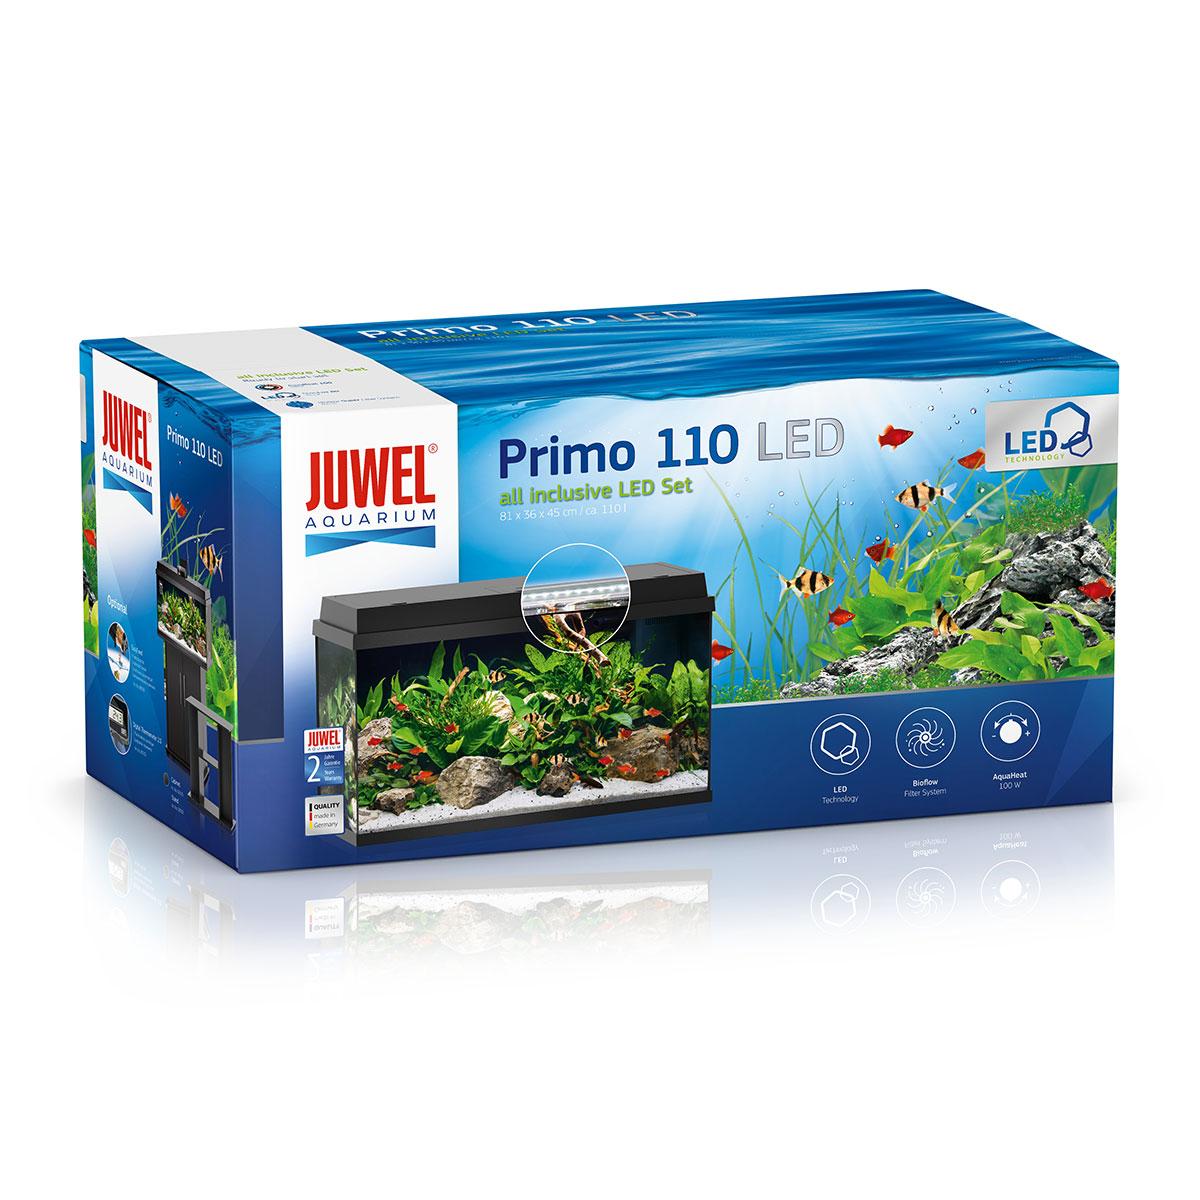 Juwel aquarium primo 110 schwarz for Aquarium versand